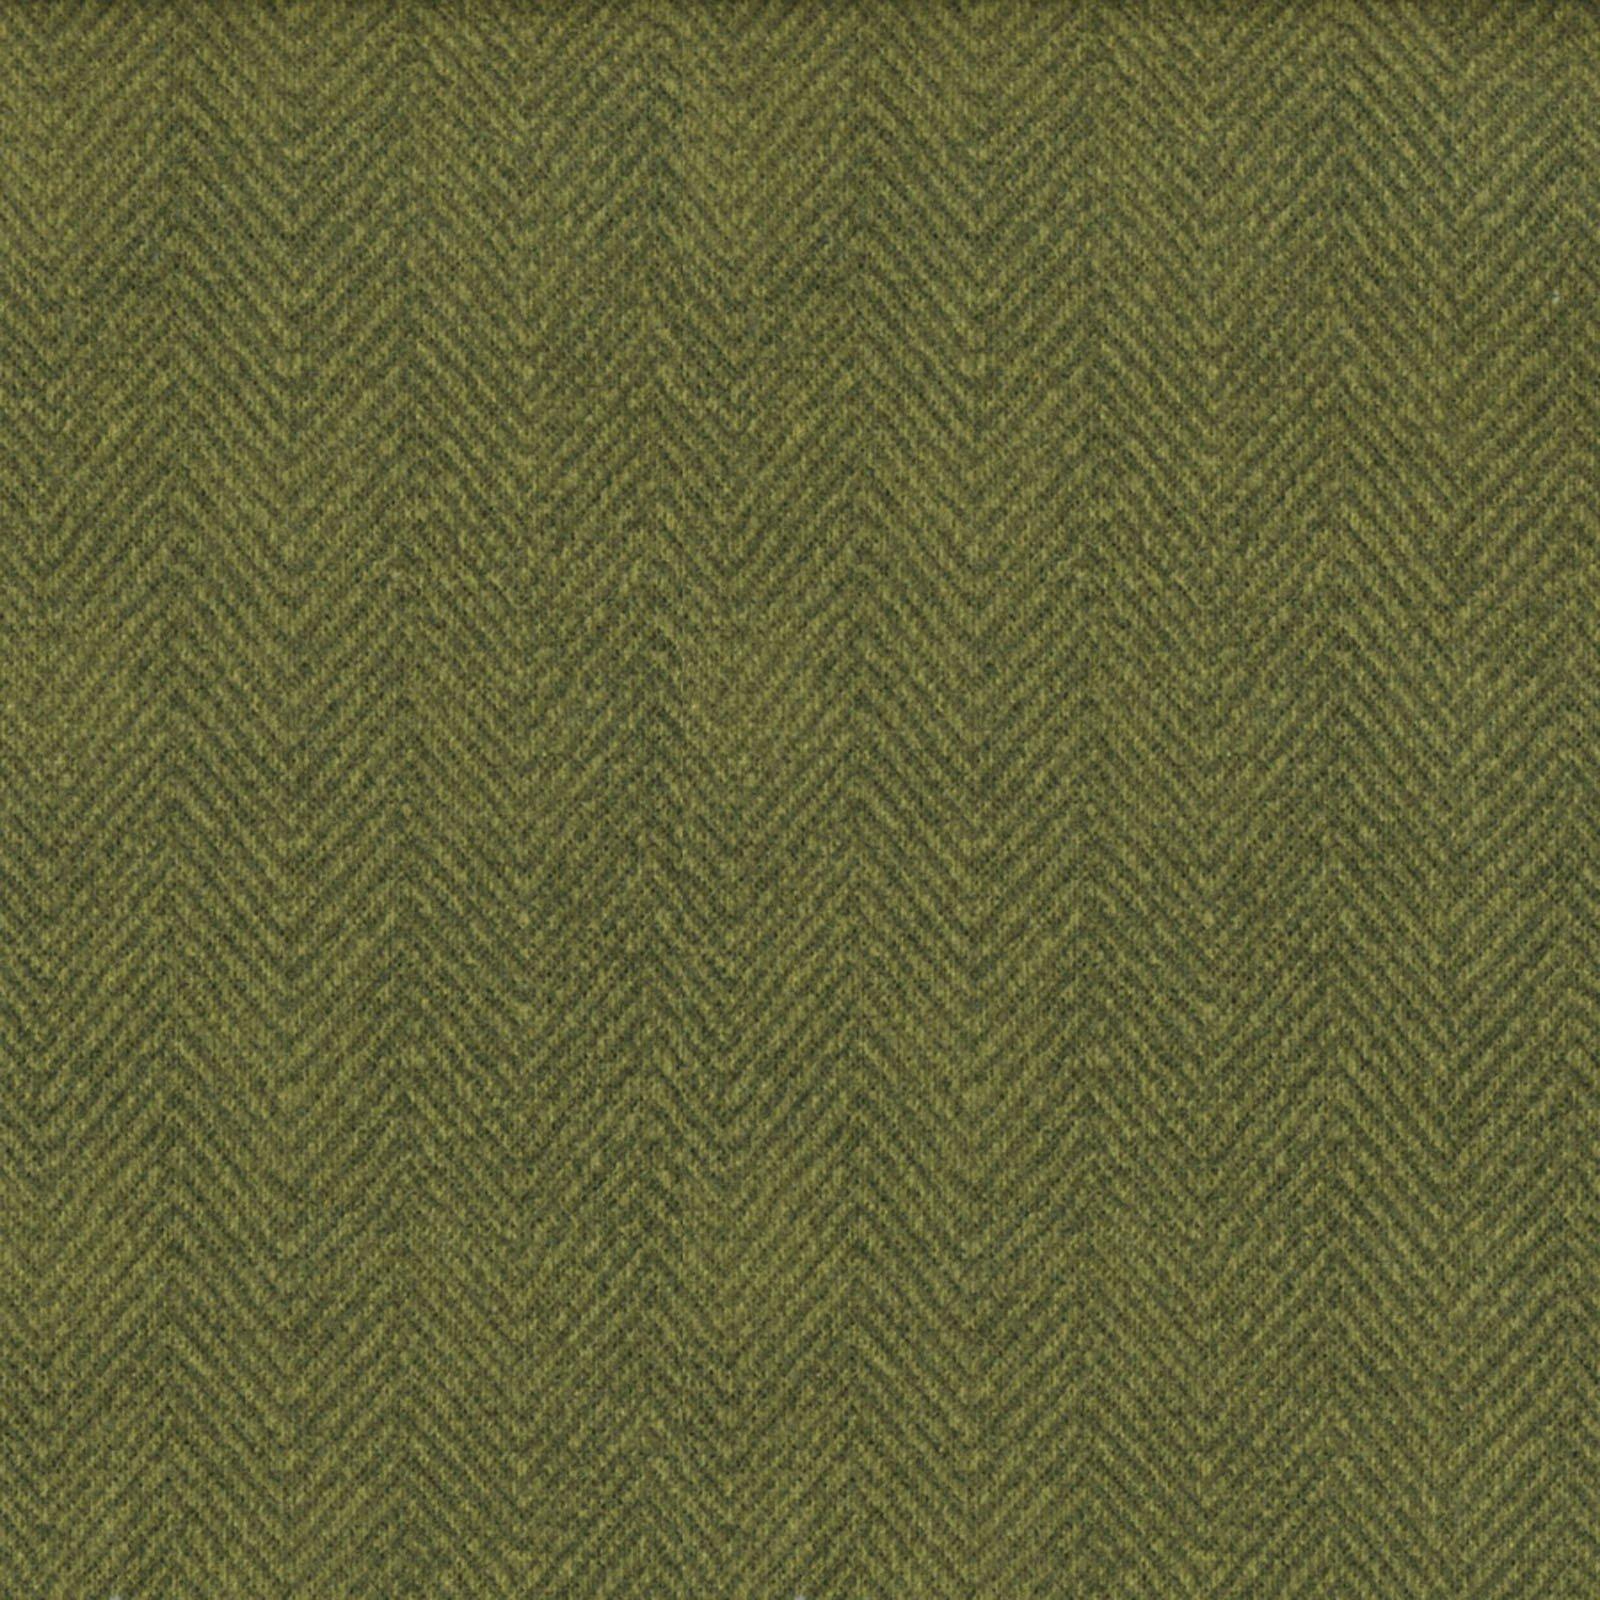 Woolies Flannel - Herringbone - Green